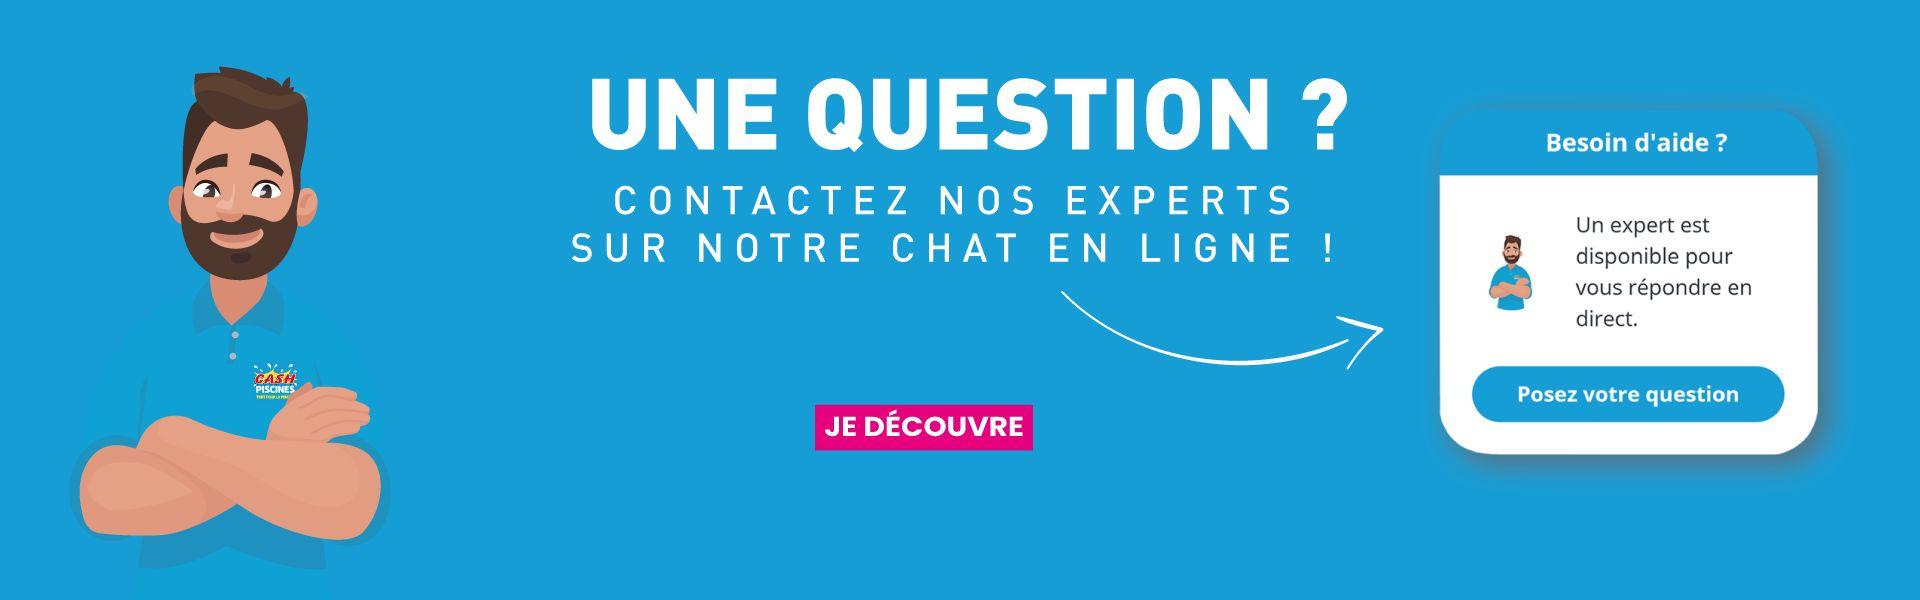 Cash Piscines La Roche-Sur-Yon - Tout Pour La Piscine | Cash ... intérieur Cash Piscine La Roche Sur Yon